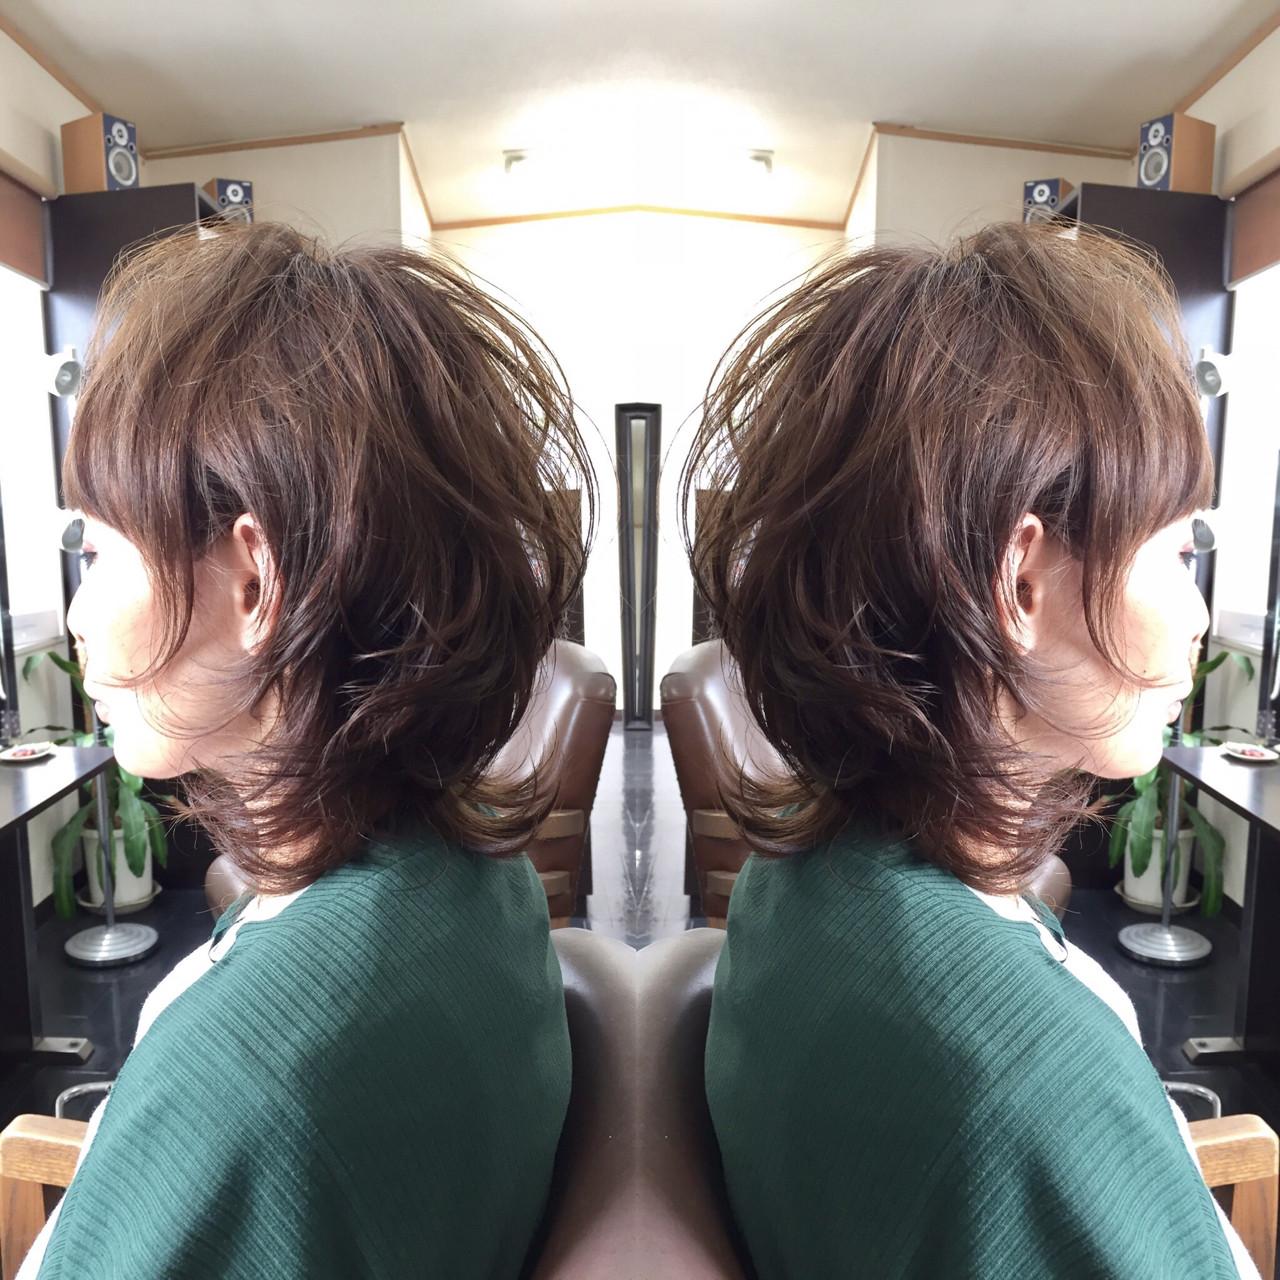 ウェーブ デート ゆるふわ かわいい ヘアスタイルや髪型の写真・画像 | 佐藤 允美 / Hair Space  ACT  LOCALLY(アクトローカリー)